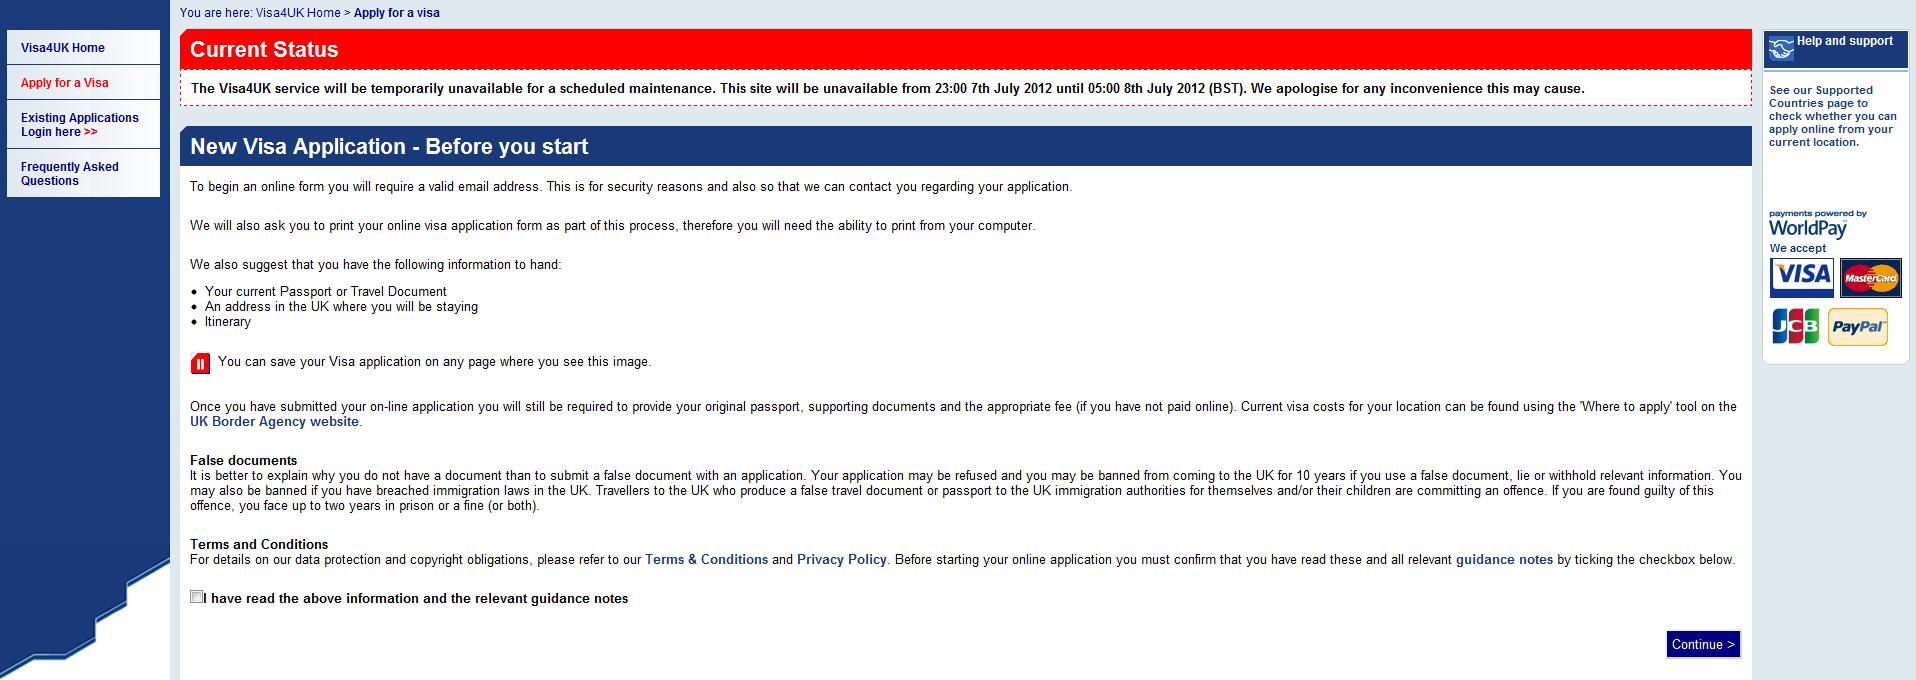 www visa4uk fco gov uk existing application